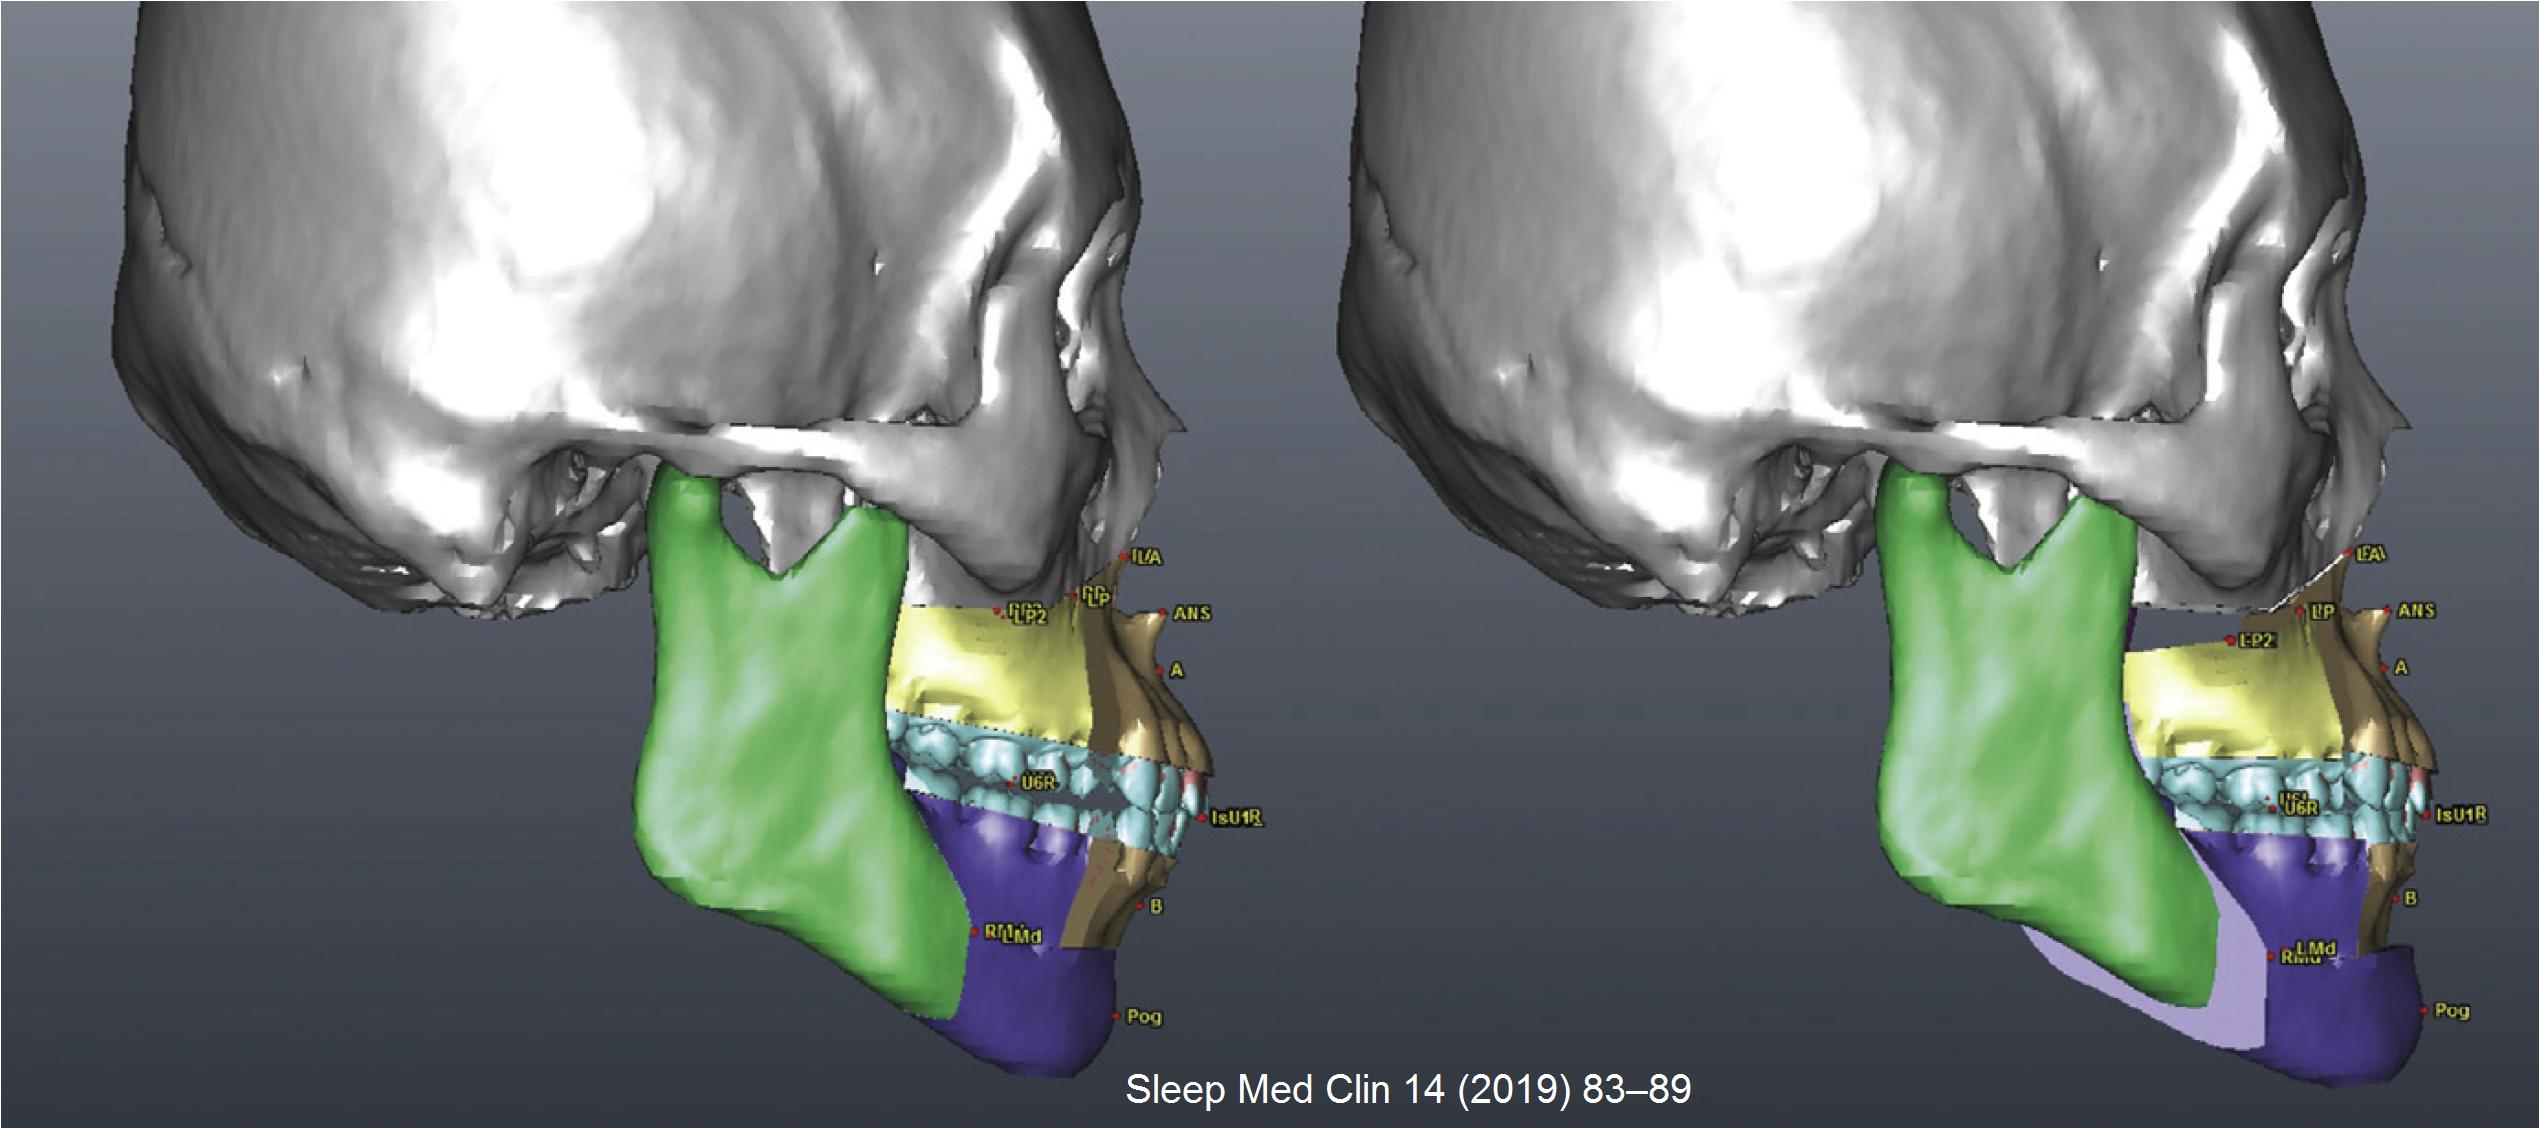 6.運用3D手術模擬協助手術進行